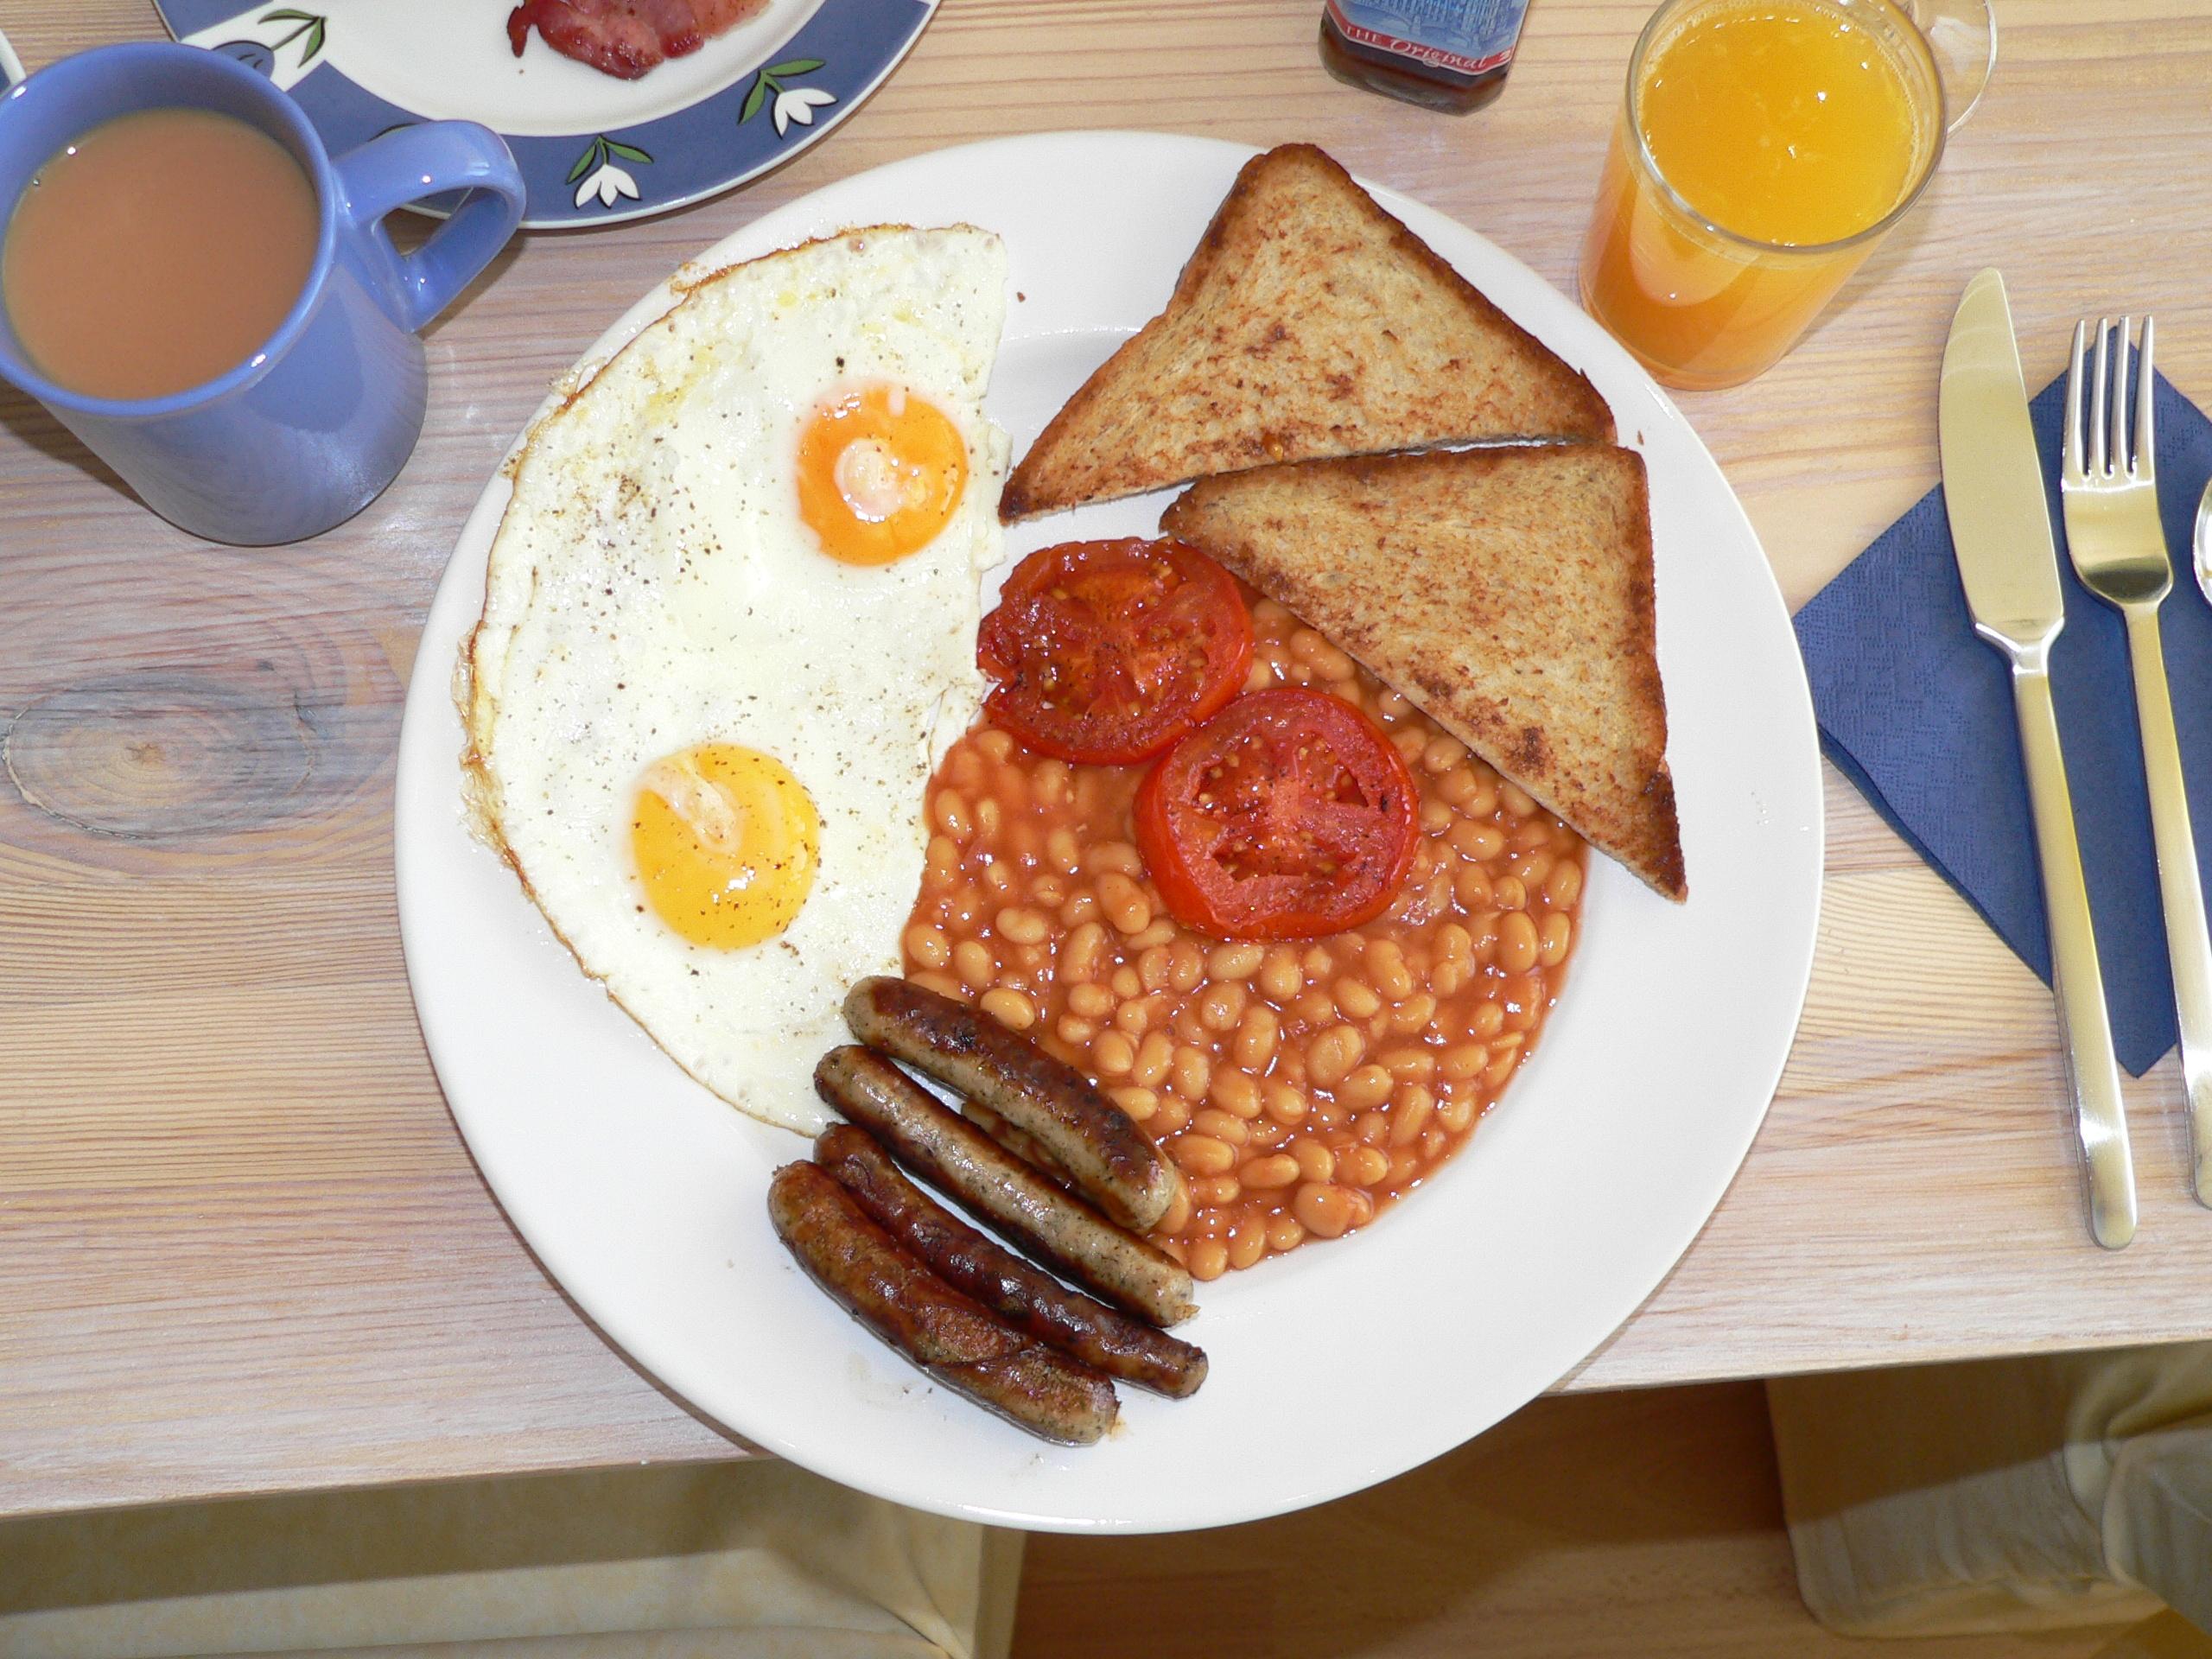 Best Breakfast Food For Dinner